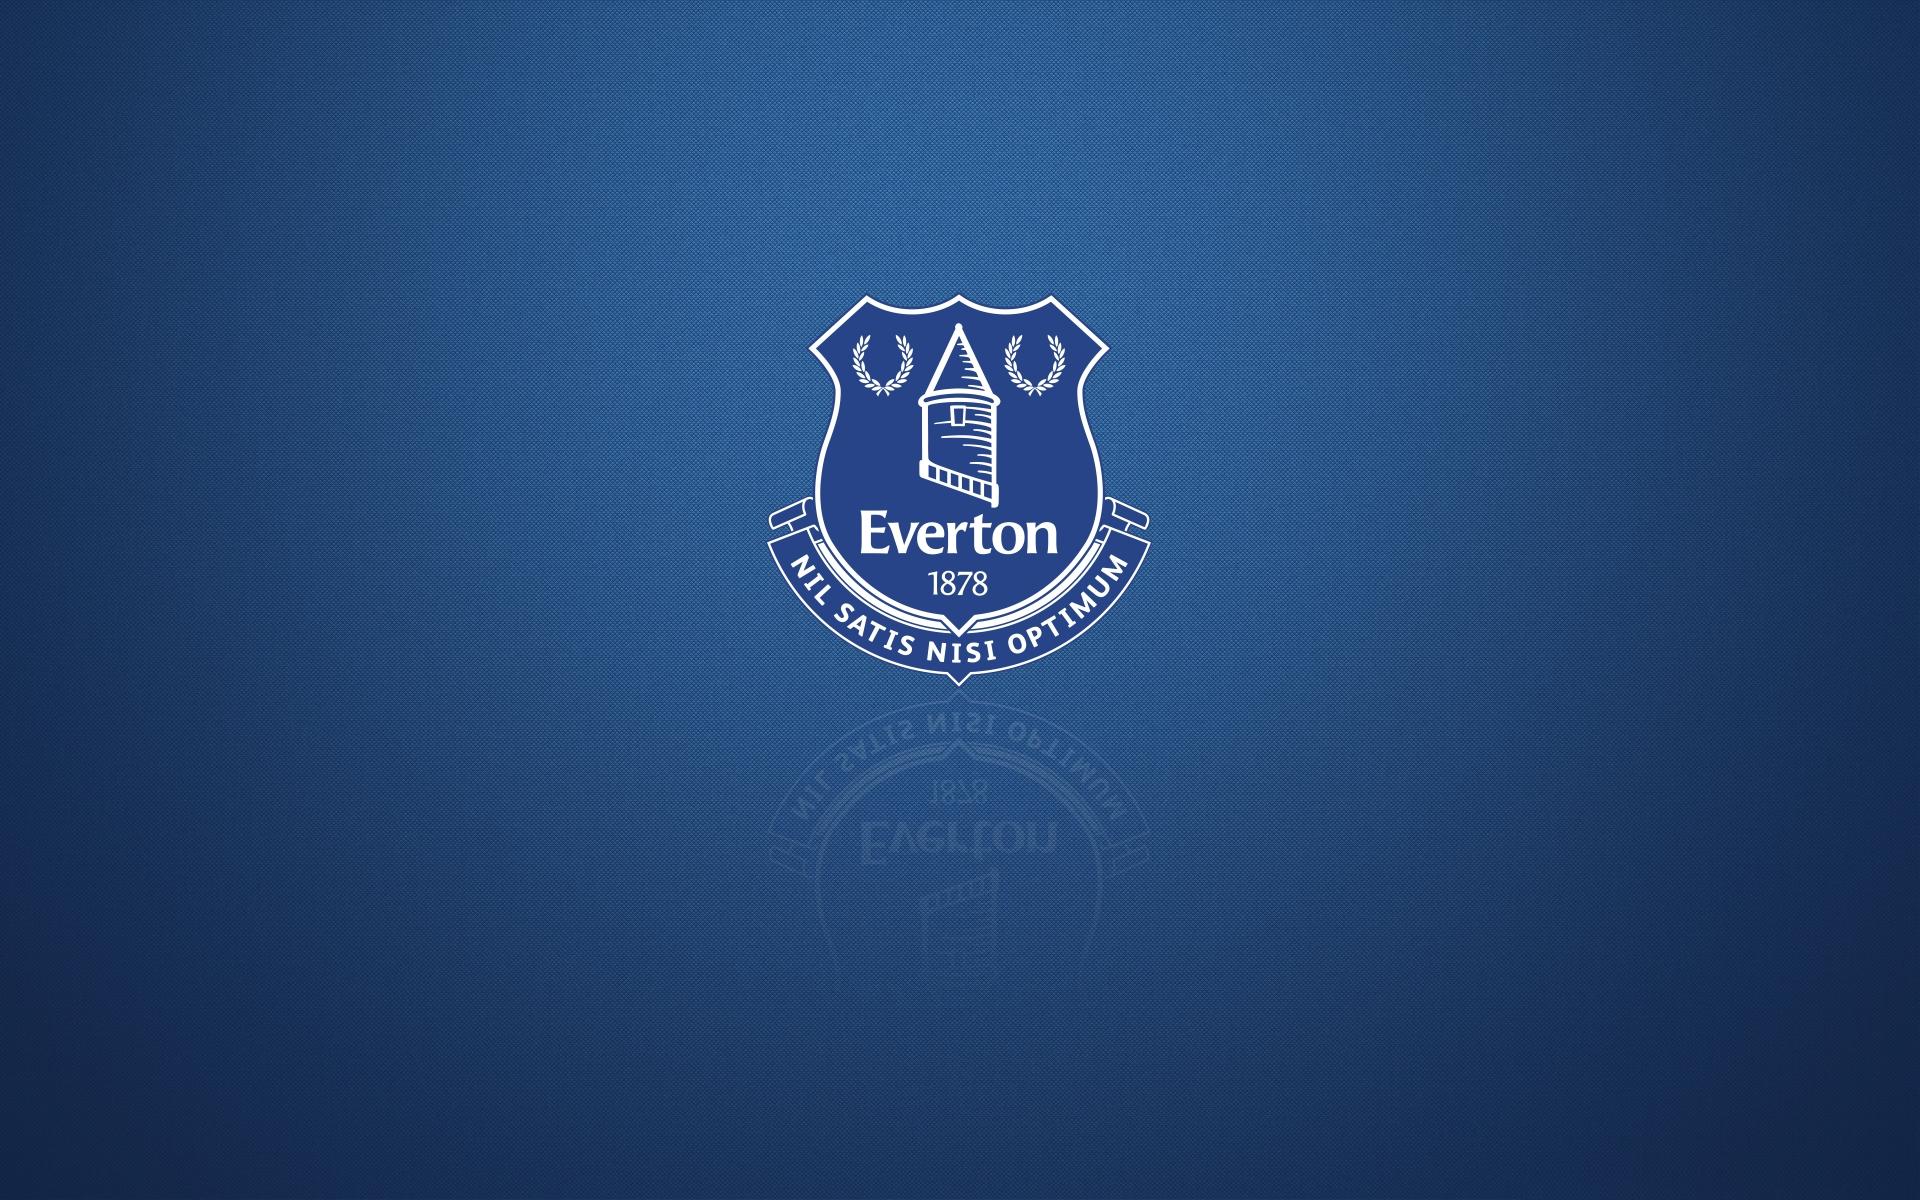 Everton Logos Download